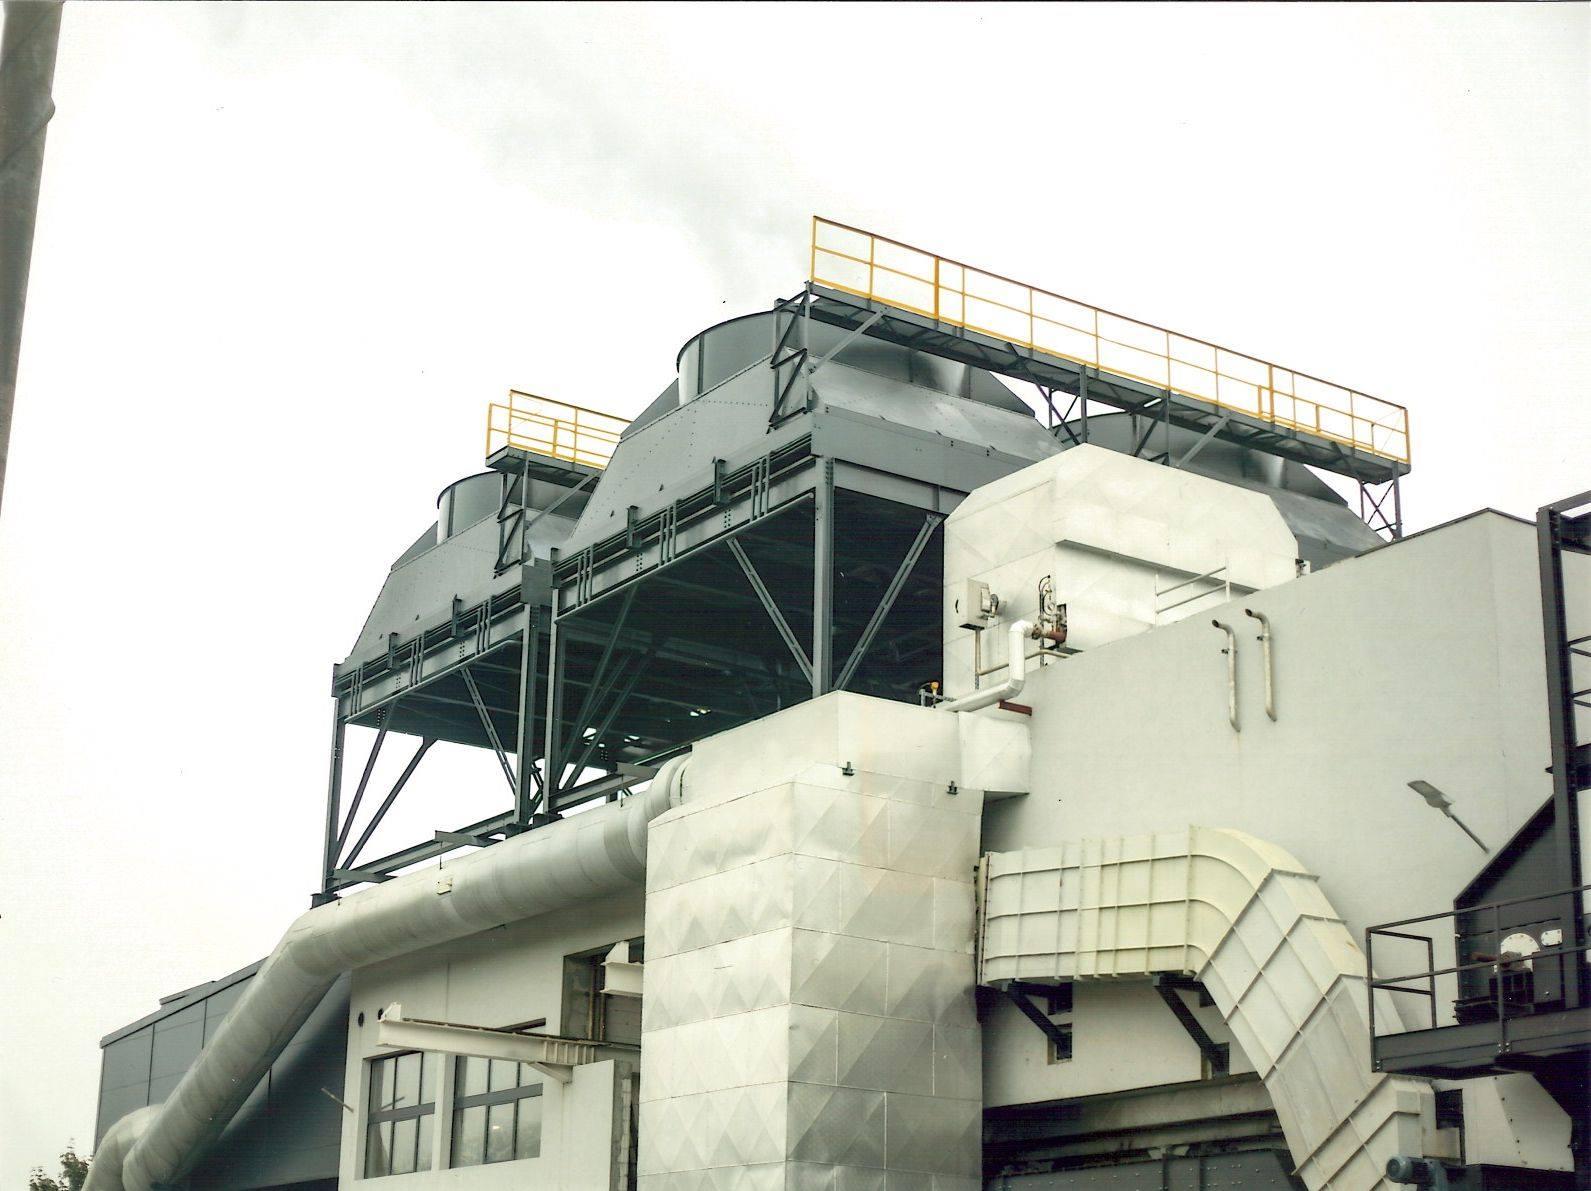 Zaproszenie do składania ofert na dostawy biomasy do Elektrociepłowni ECO-ABC Sp. z o.o w Krakowie ul. Dymarek 7